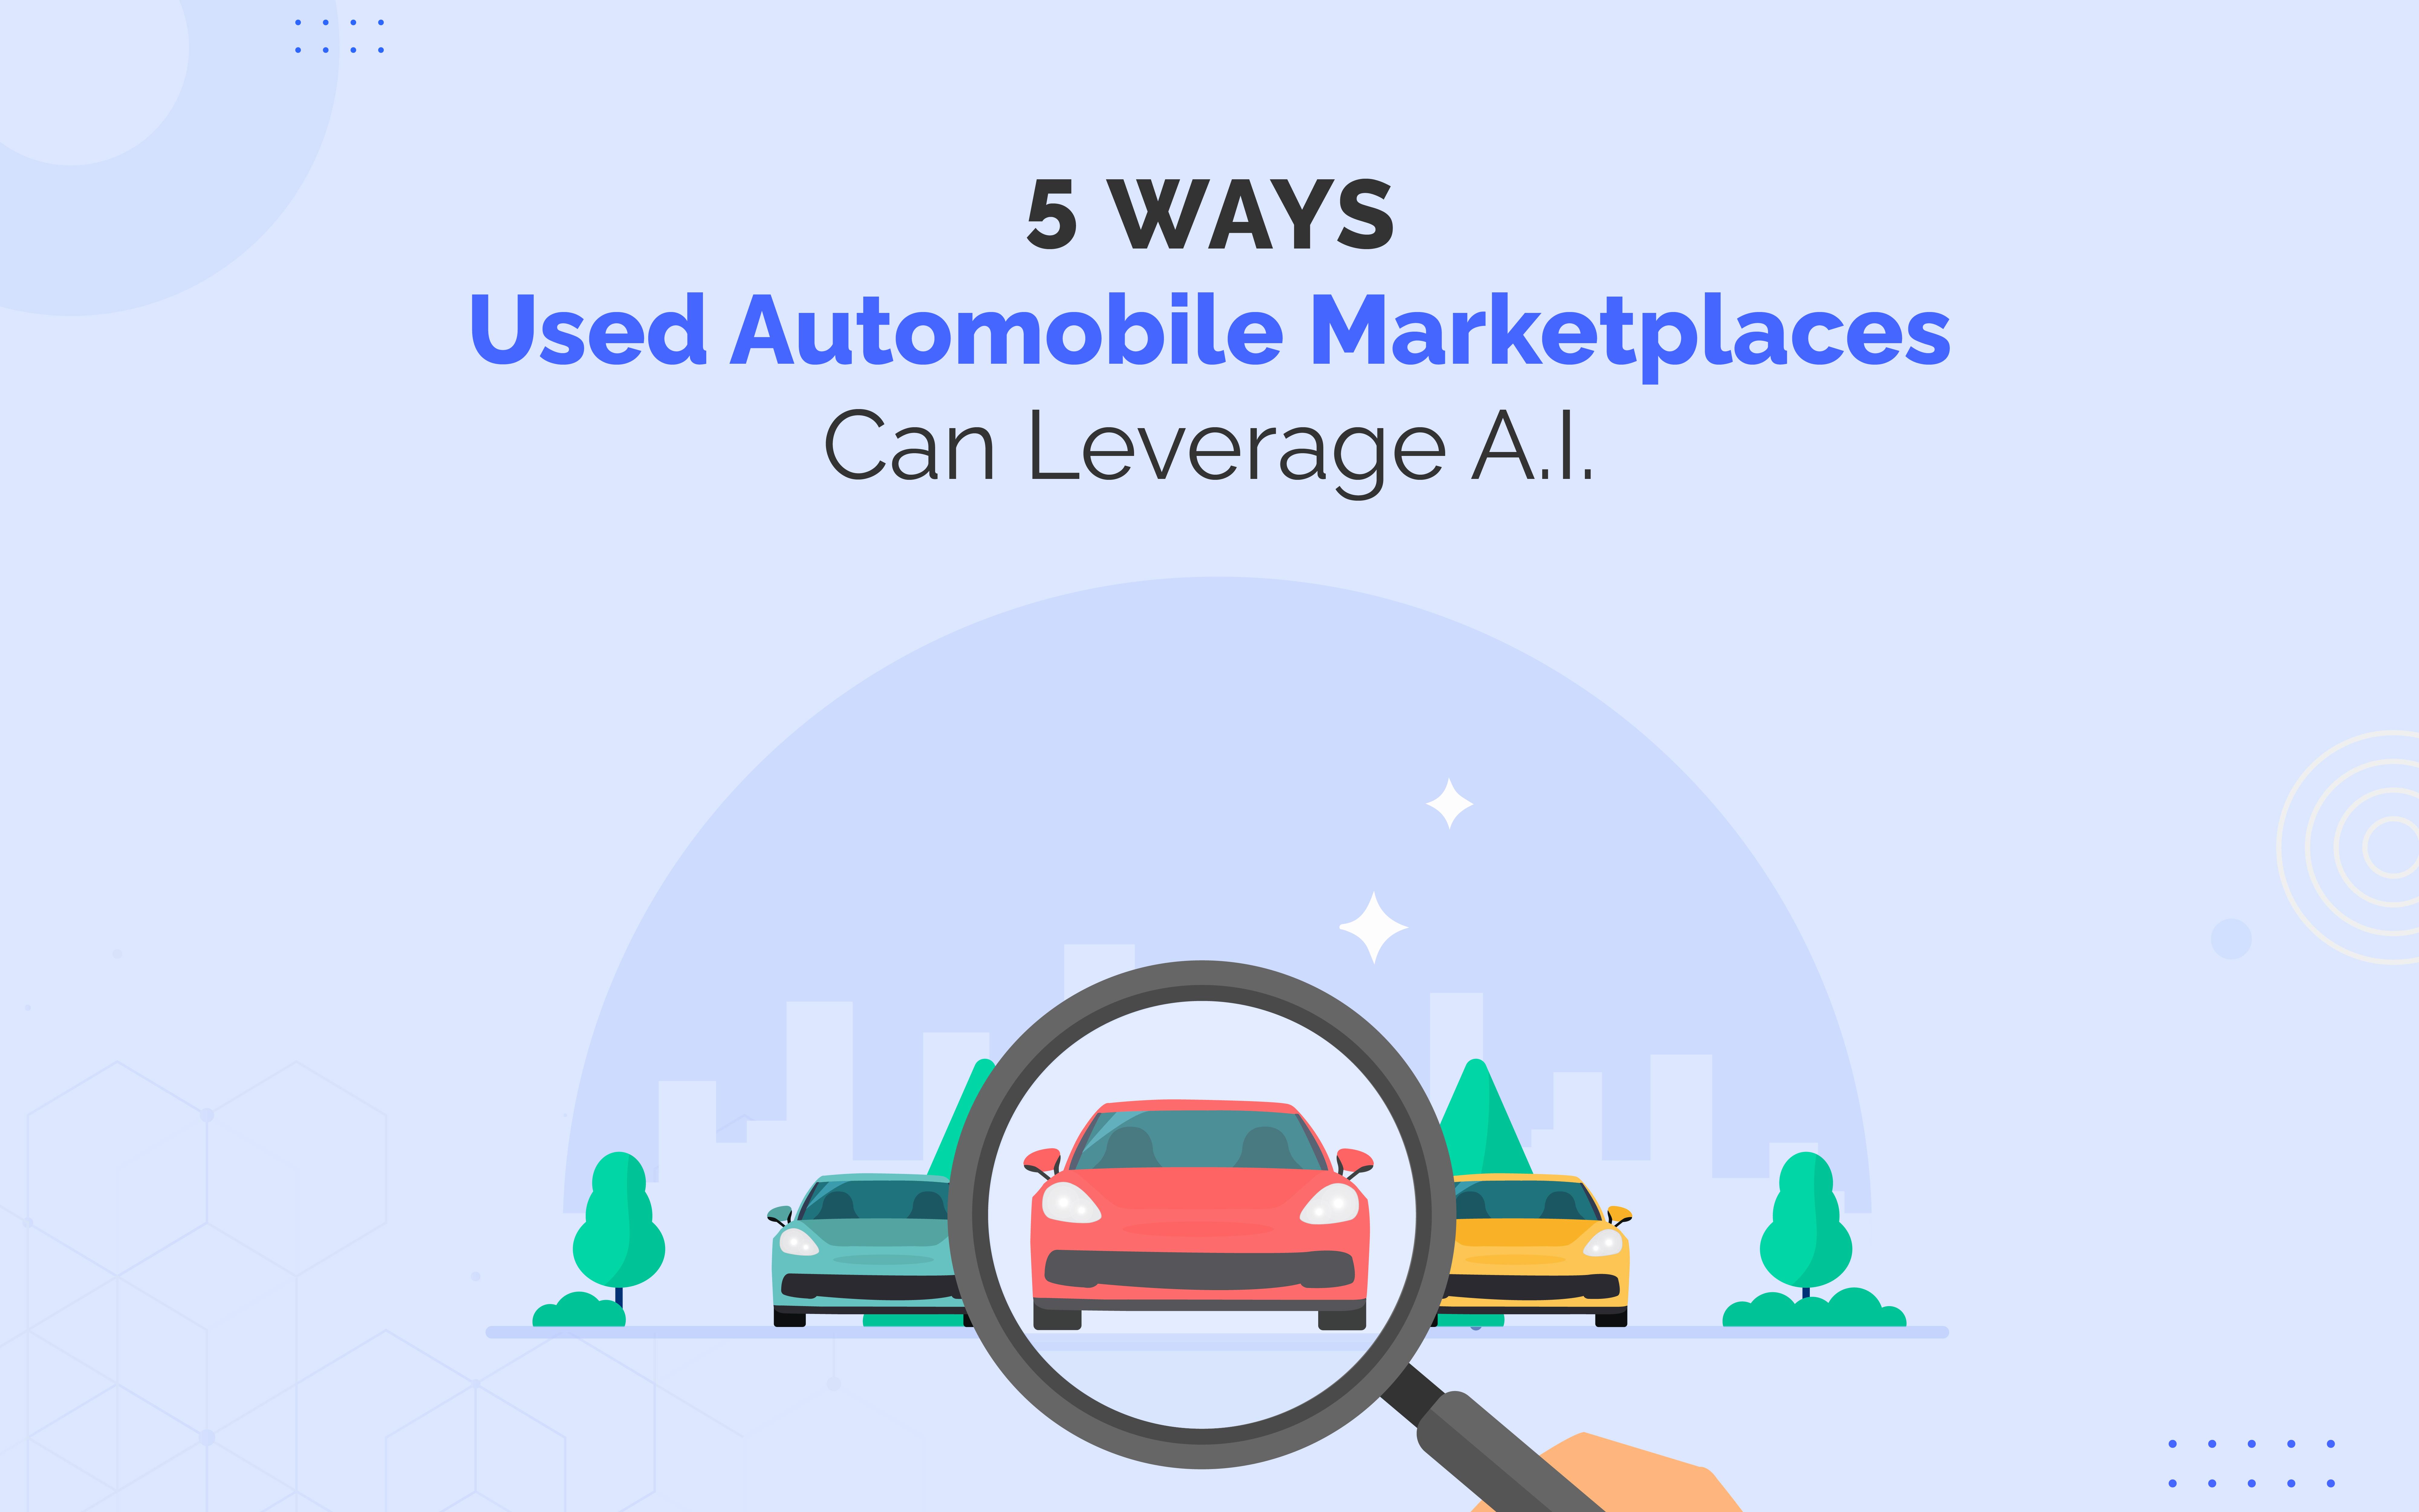 AI for used car marketplaces, blox.ai, getblox.ai, image moderation, lead scoring